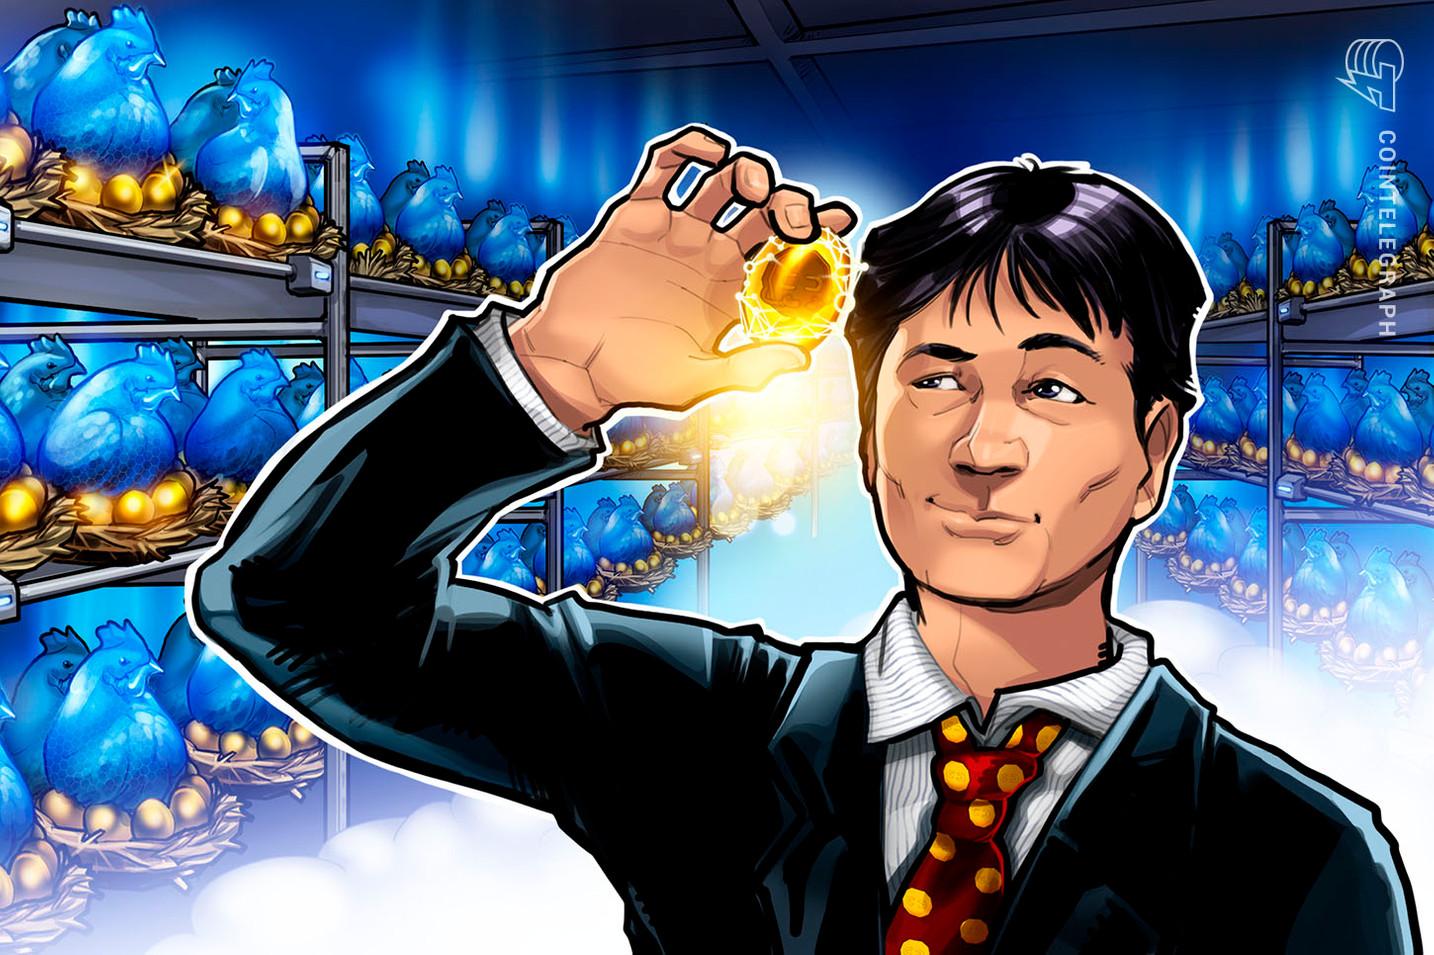 DMG Blockchain de Canadá pone en funcionamiento una instalación criptominería de 85 megavatios